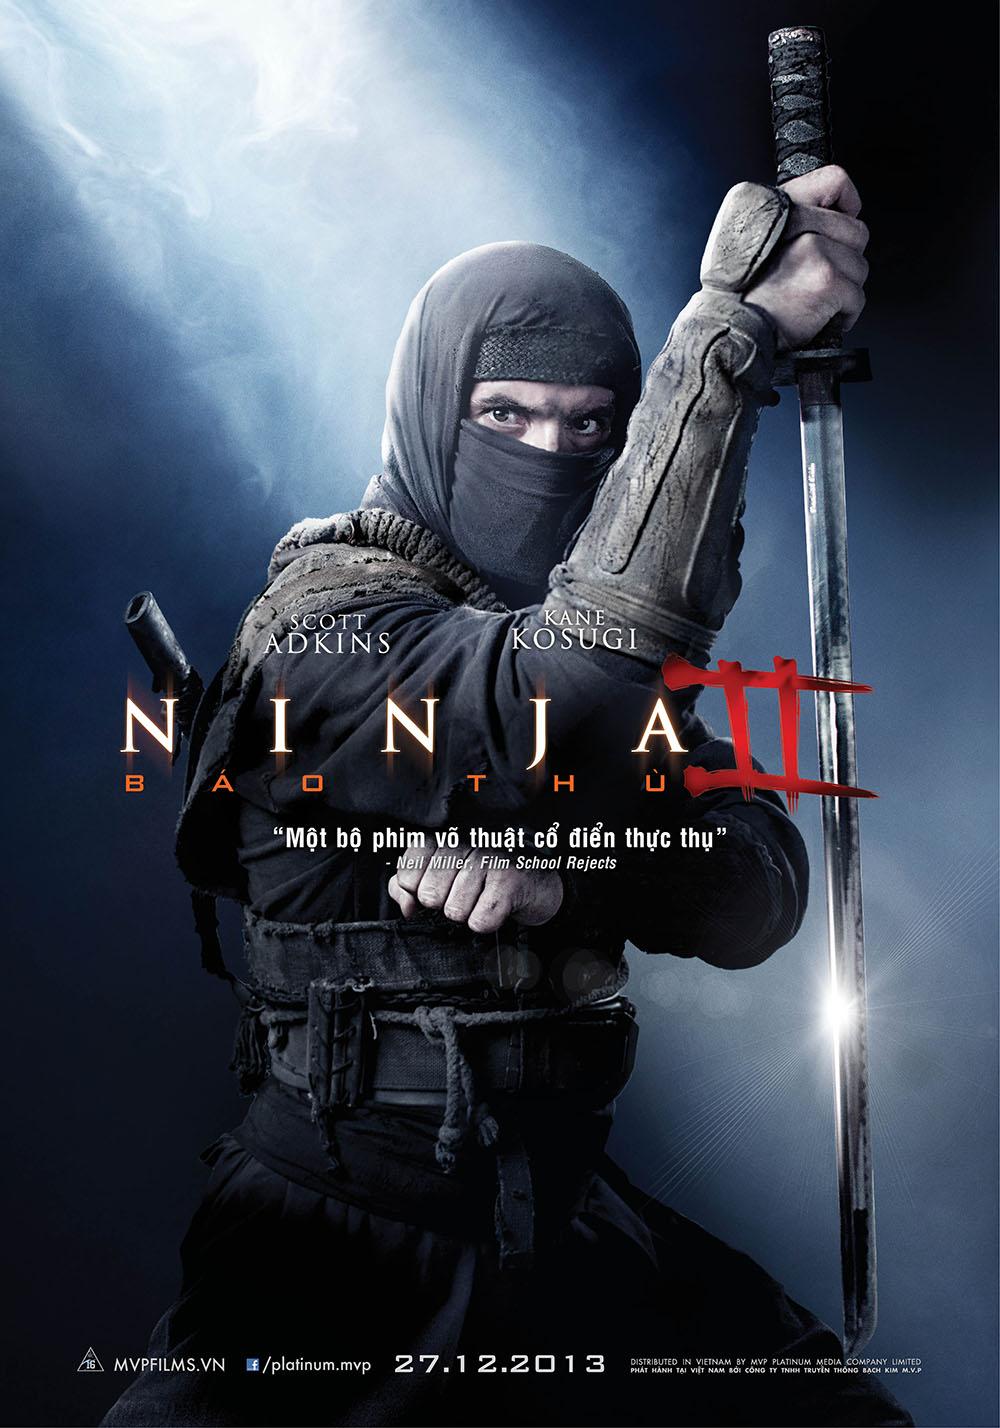 ninjashadowofatear